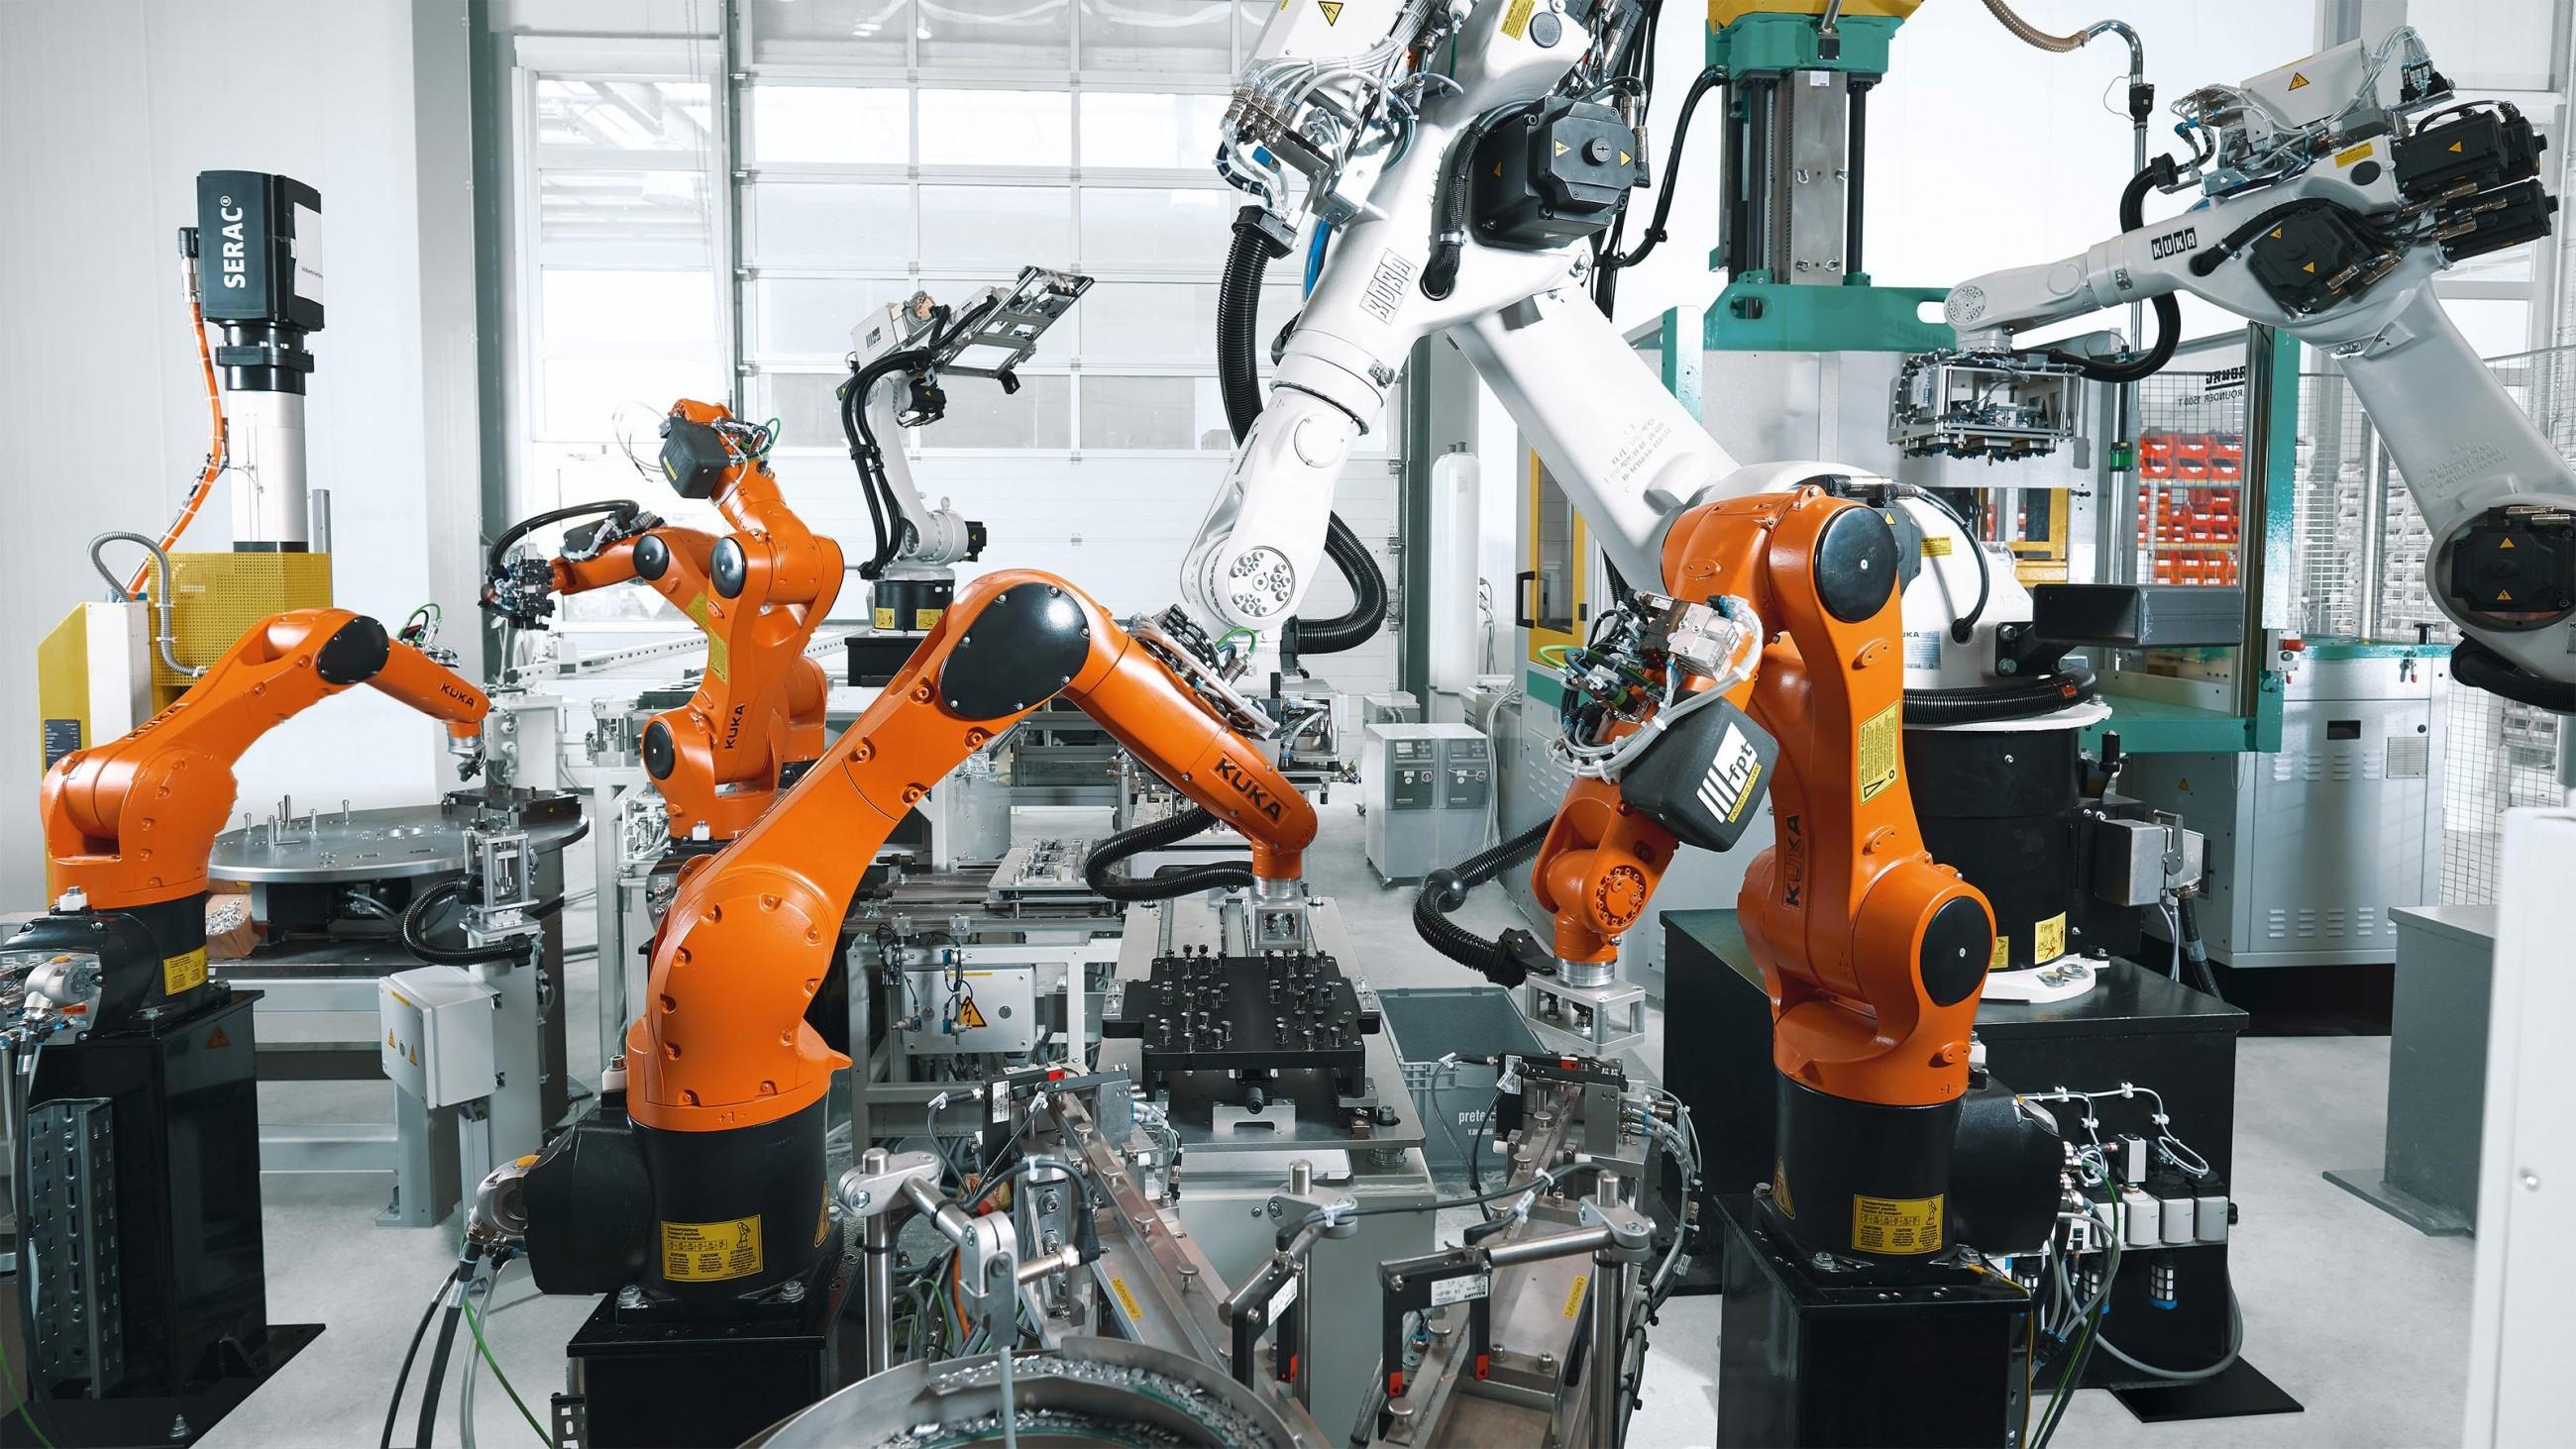 В Китае резко выросло производство промышленных роботов